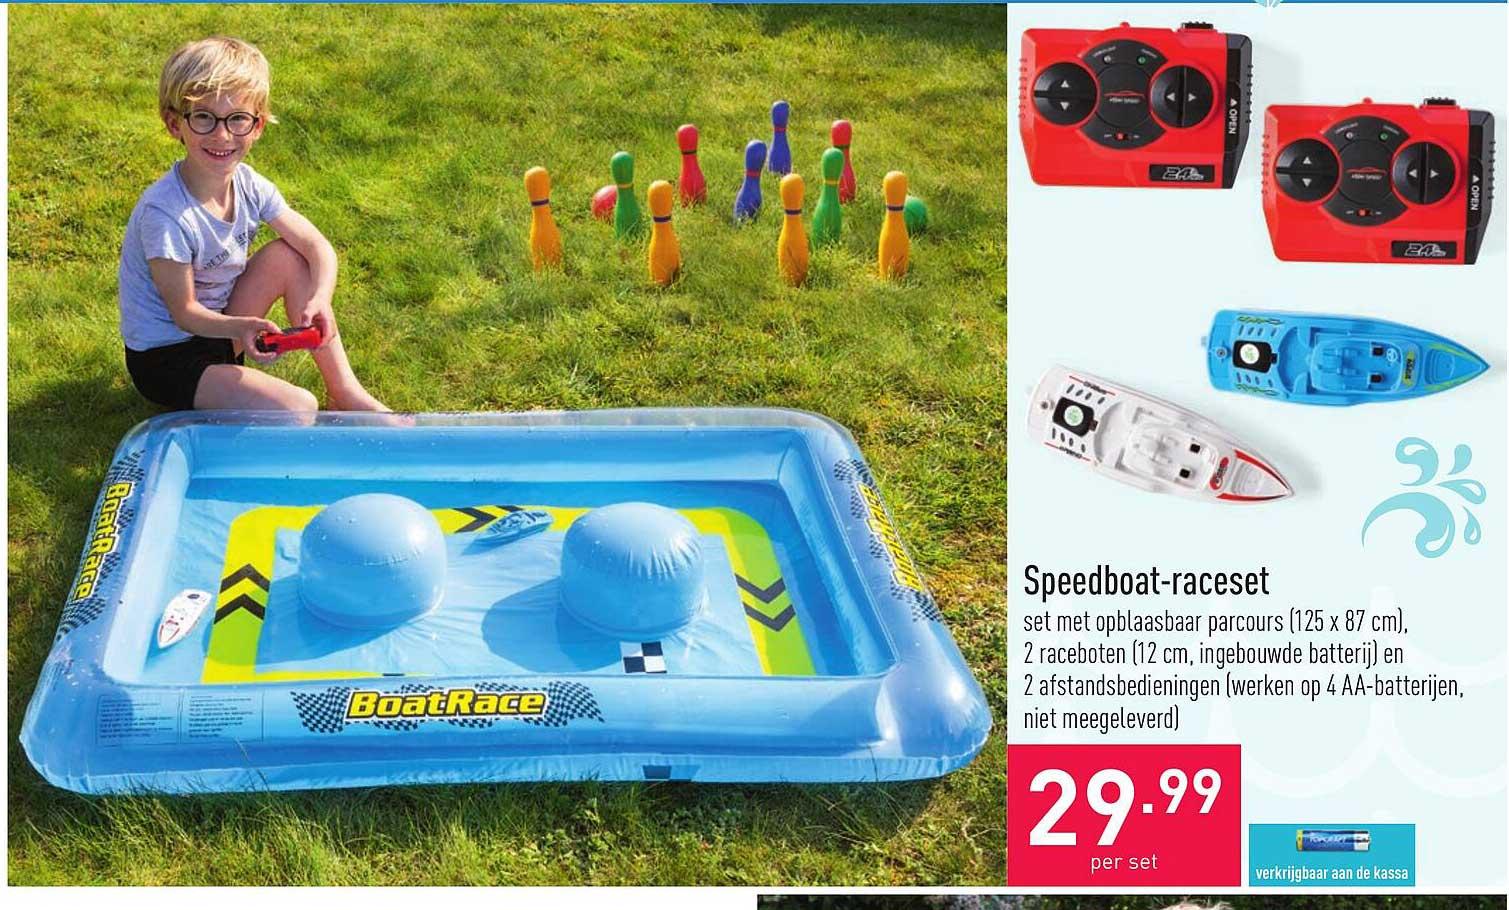 ALDI Speedboat-raceset